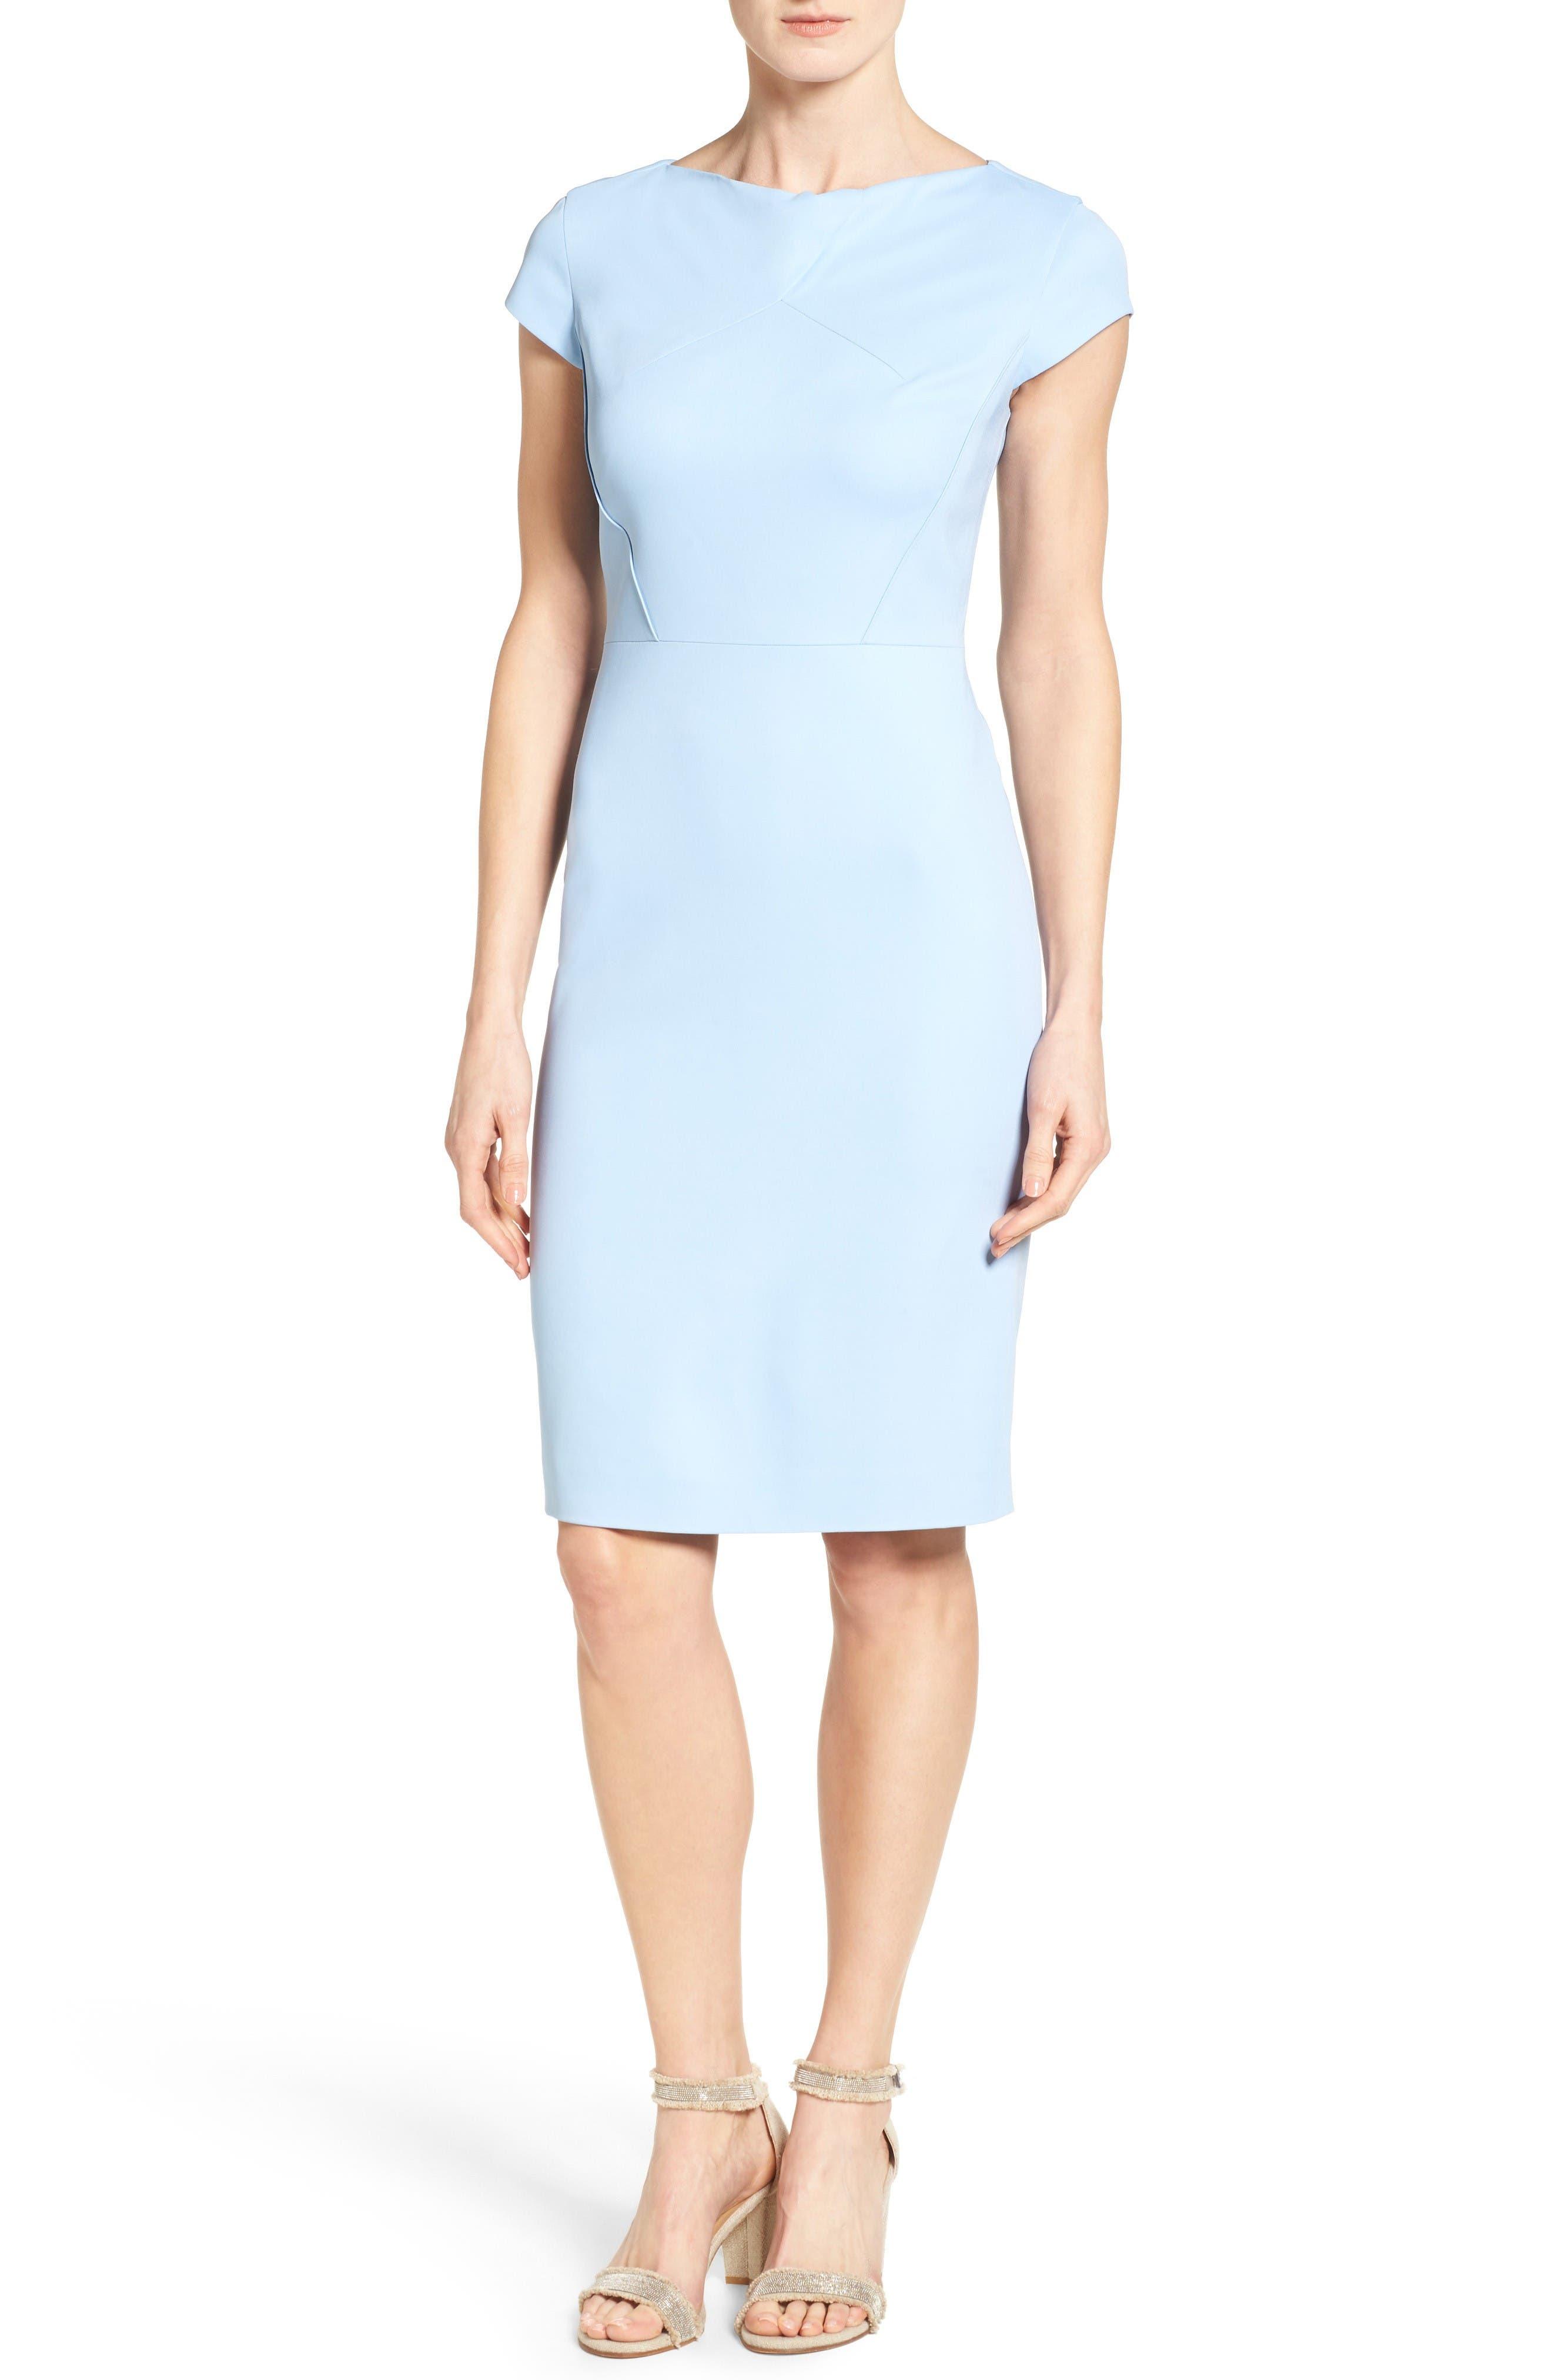 Classiques Entier® Drape Neck Sheath Dress